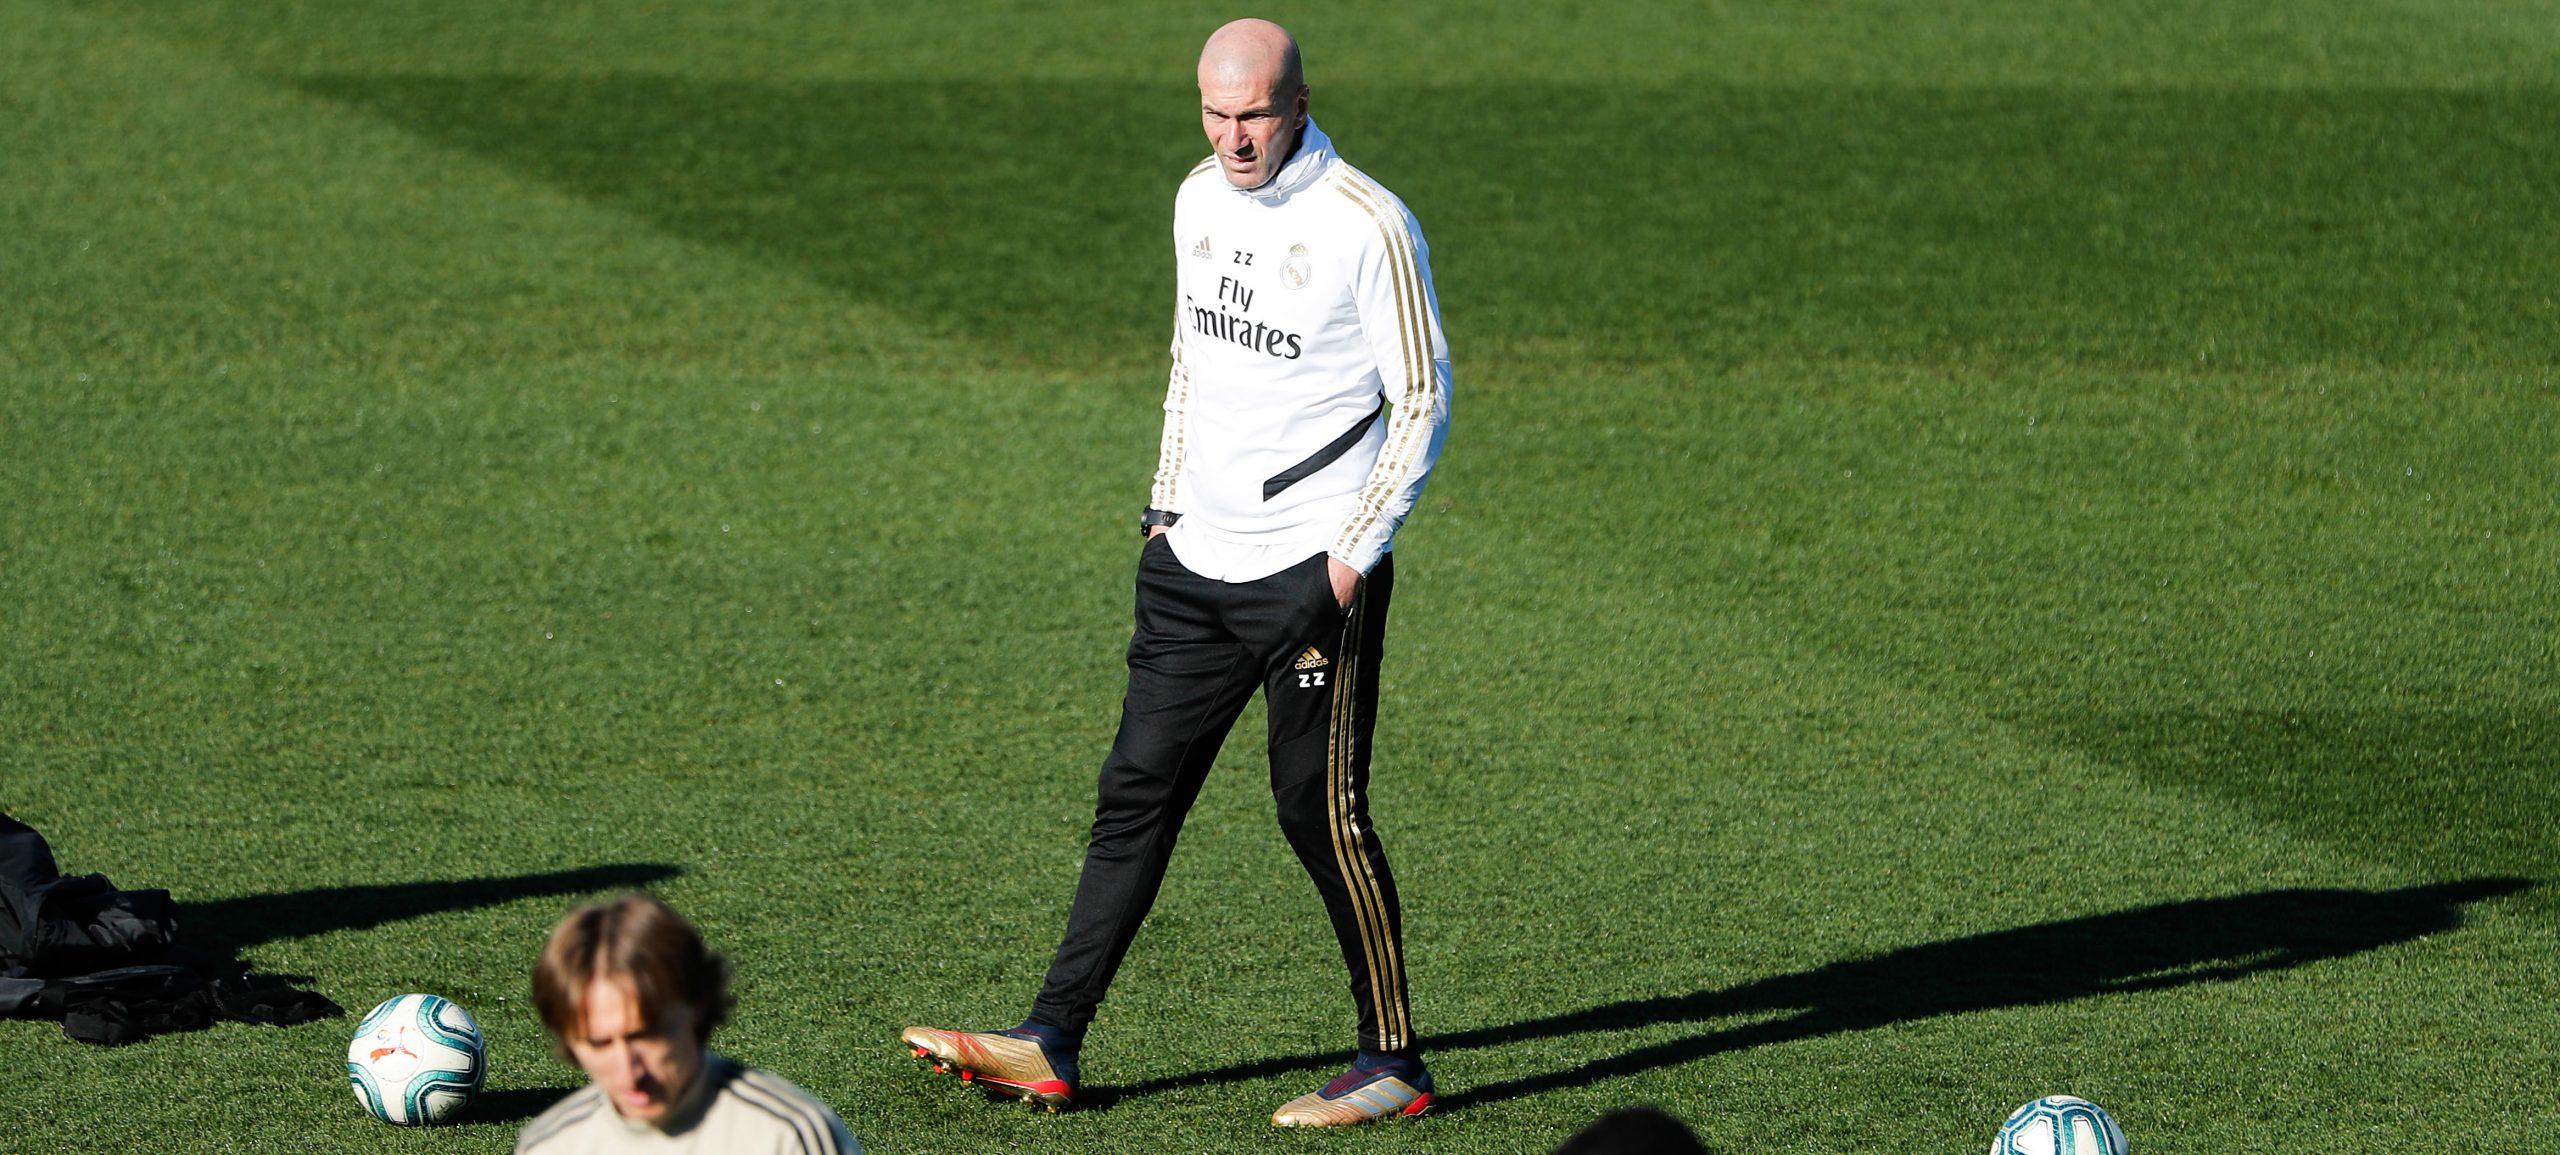 Real Madrid - Atlético Madrid - Zidane - La Liga -betFIRST